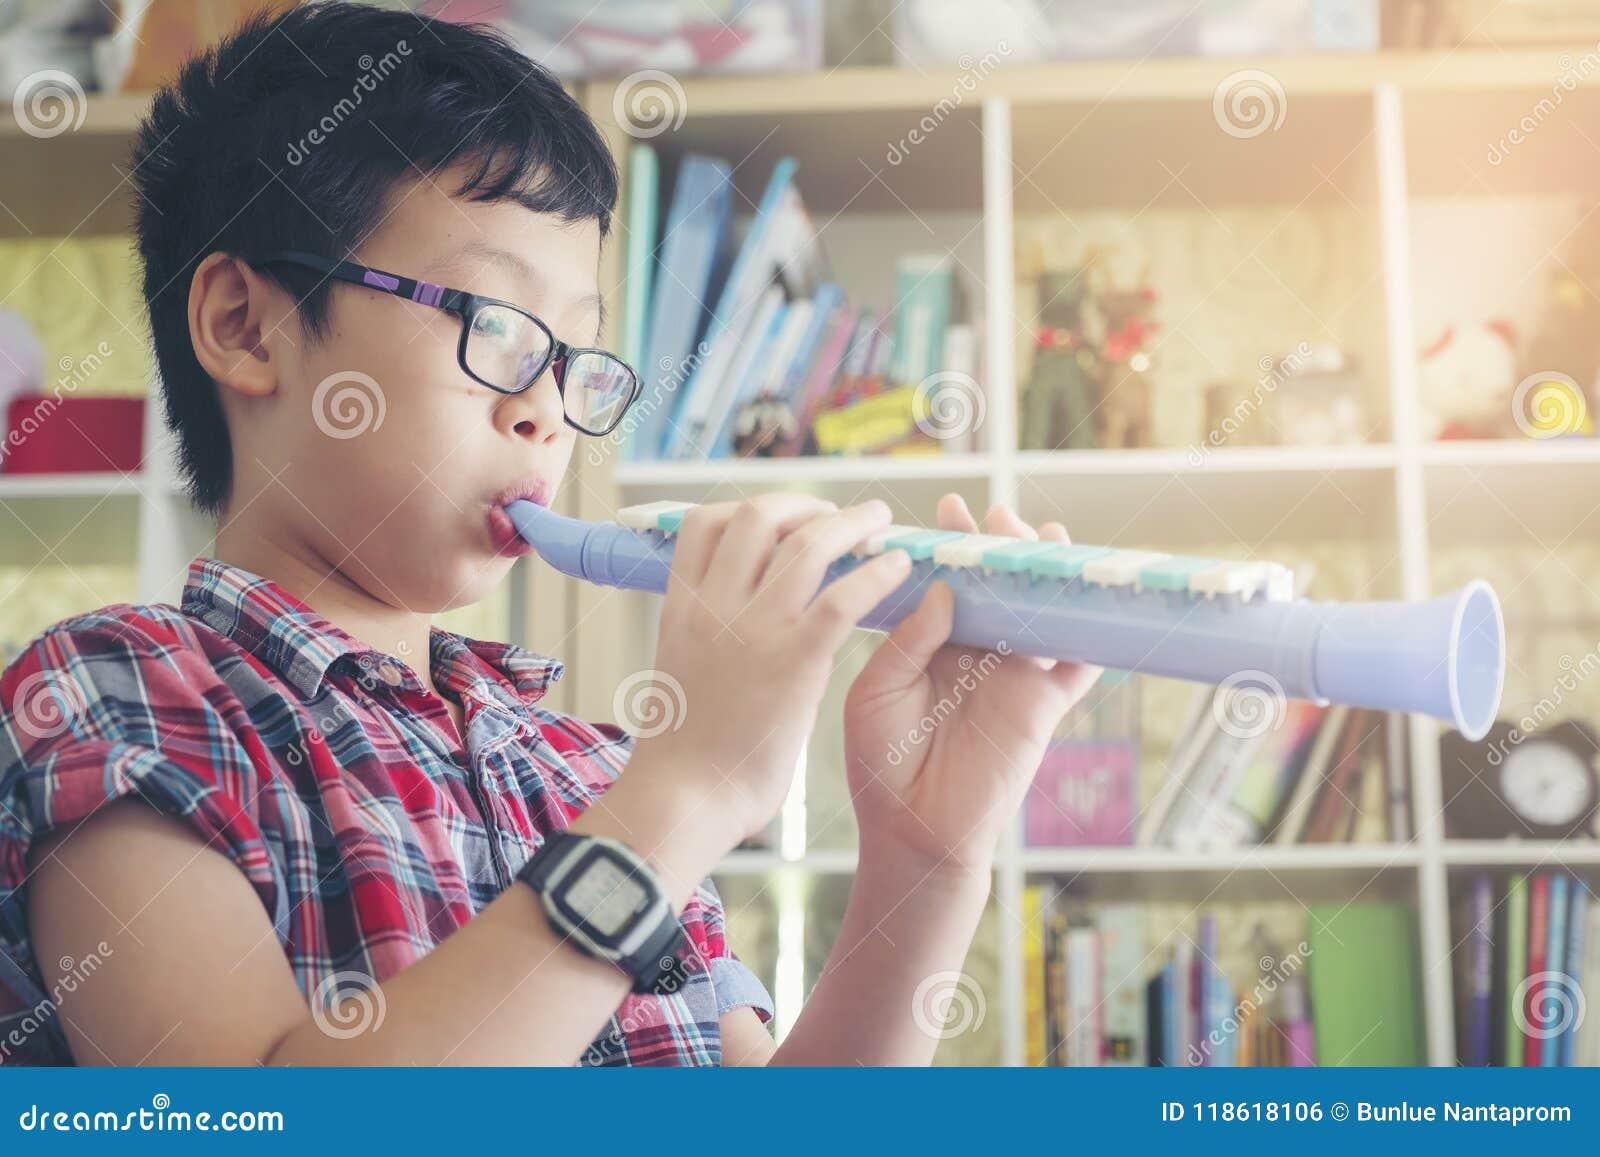 Le garçon jouant la clarinette, sonnent de la trompette à la maison, soufflant une cannelure douce